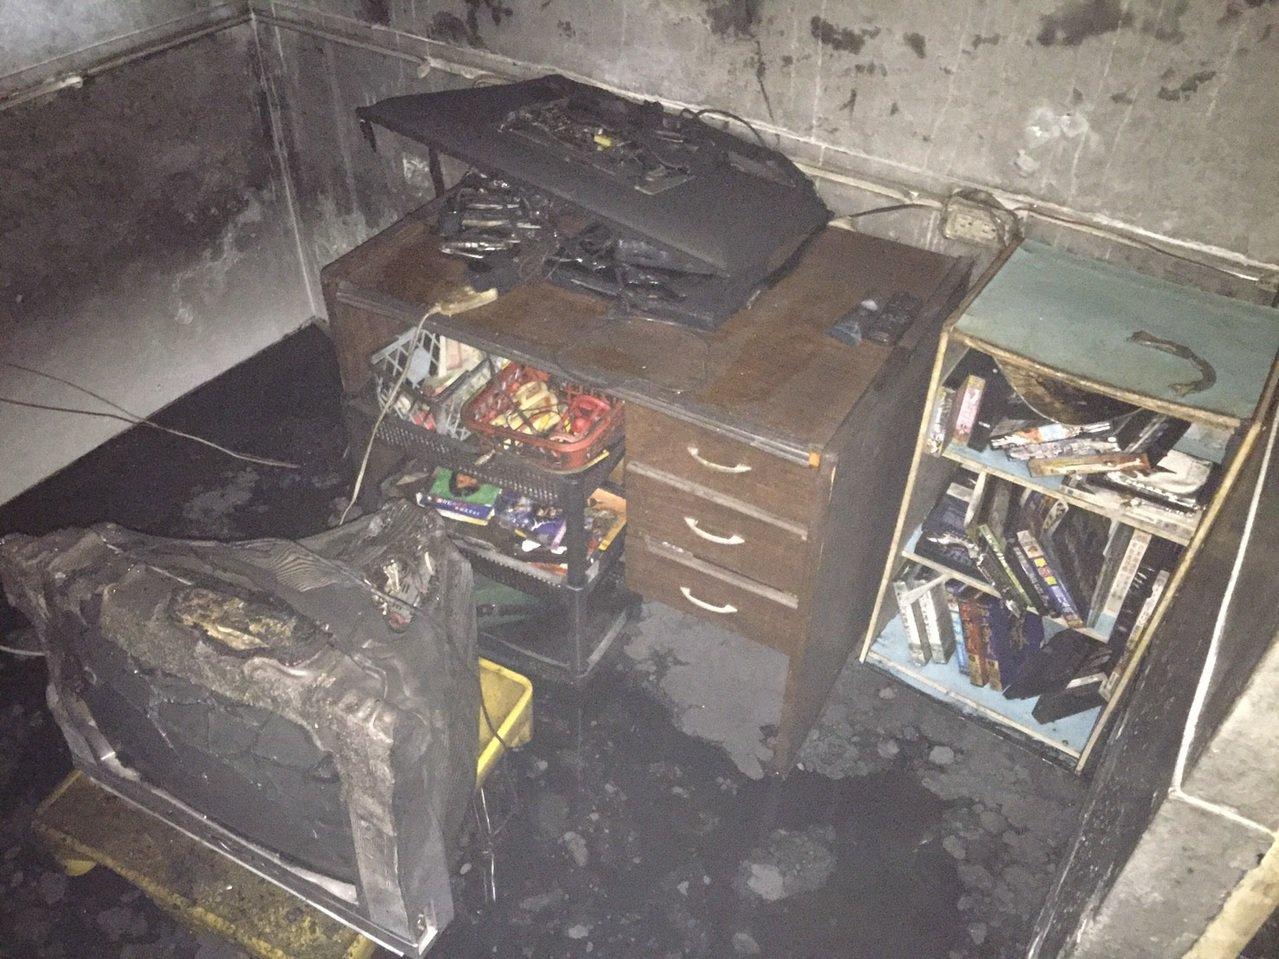 高雄市鳳山區火警,1小房間火警,卻造成母子嚴重燒傷。記者林保光/翻攝